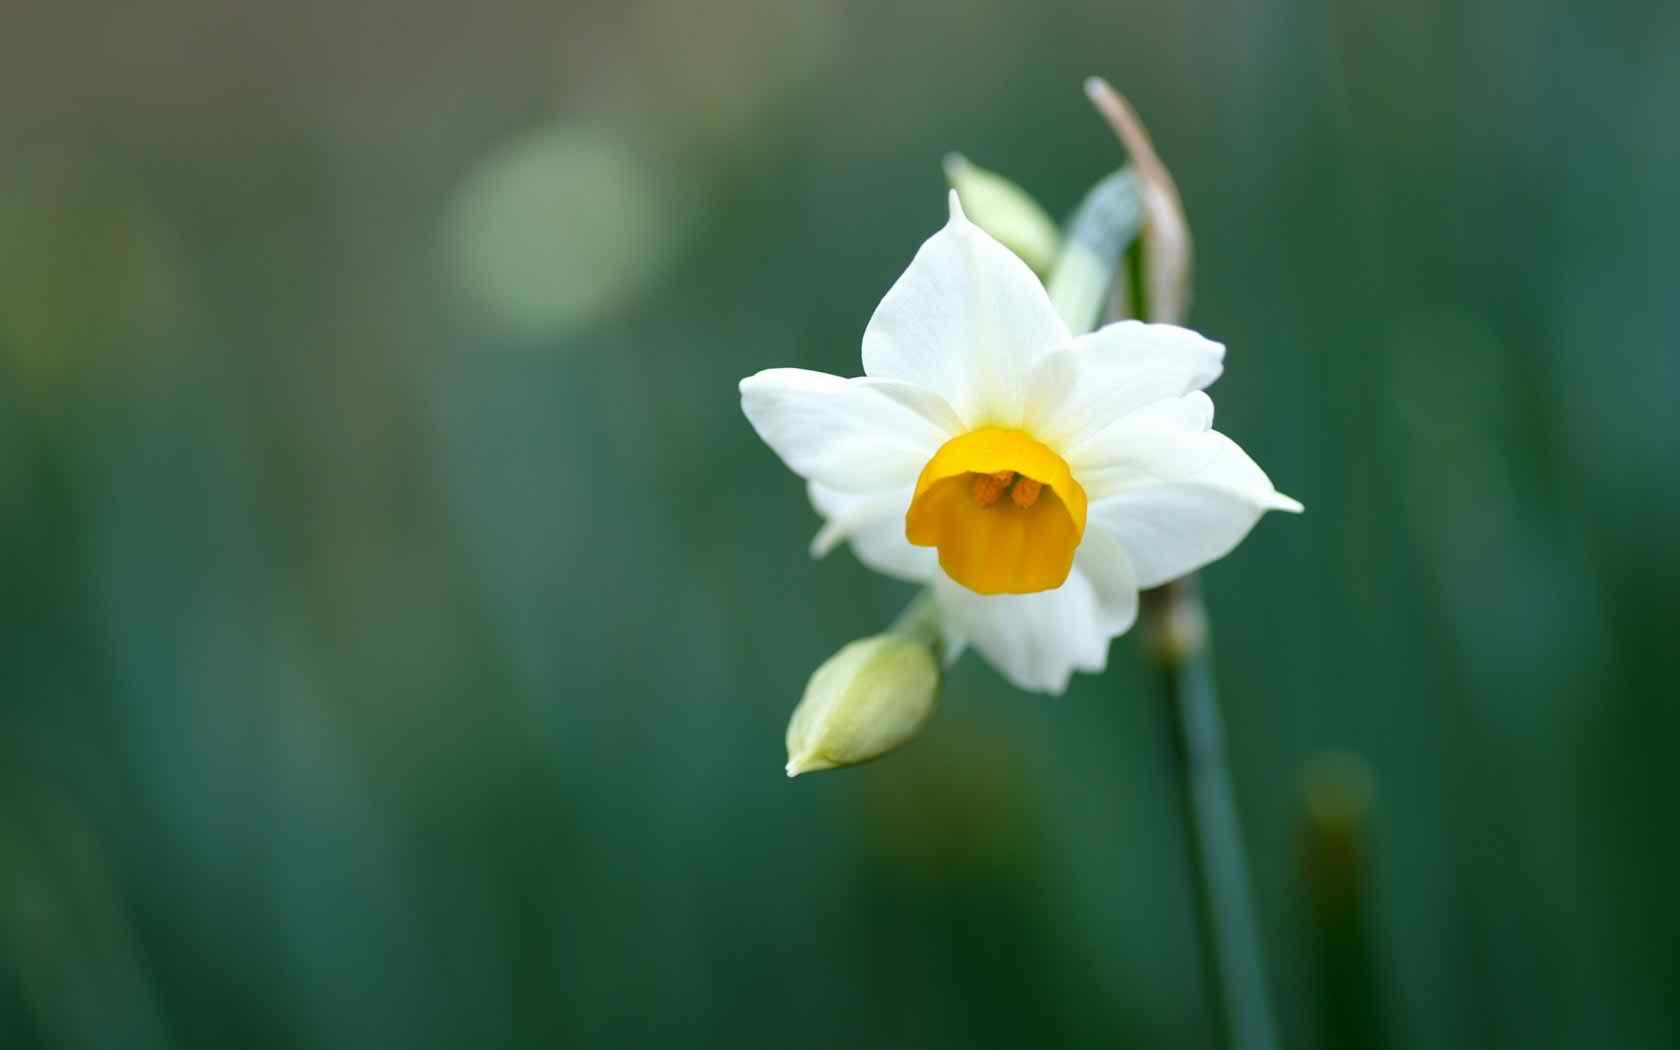 super daffodil wallpaper picture